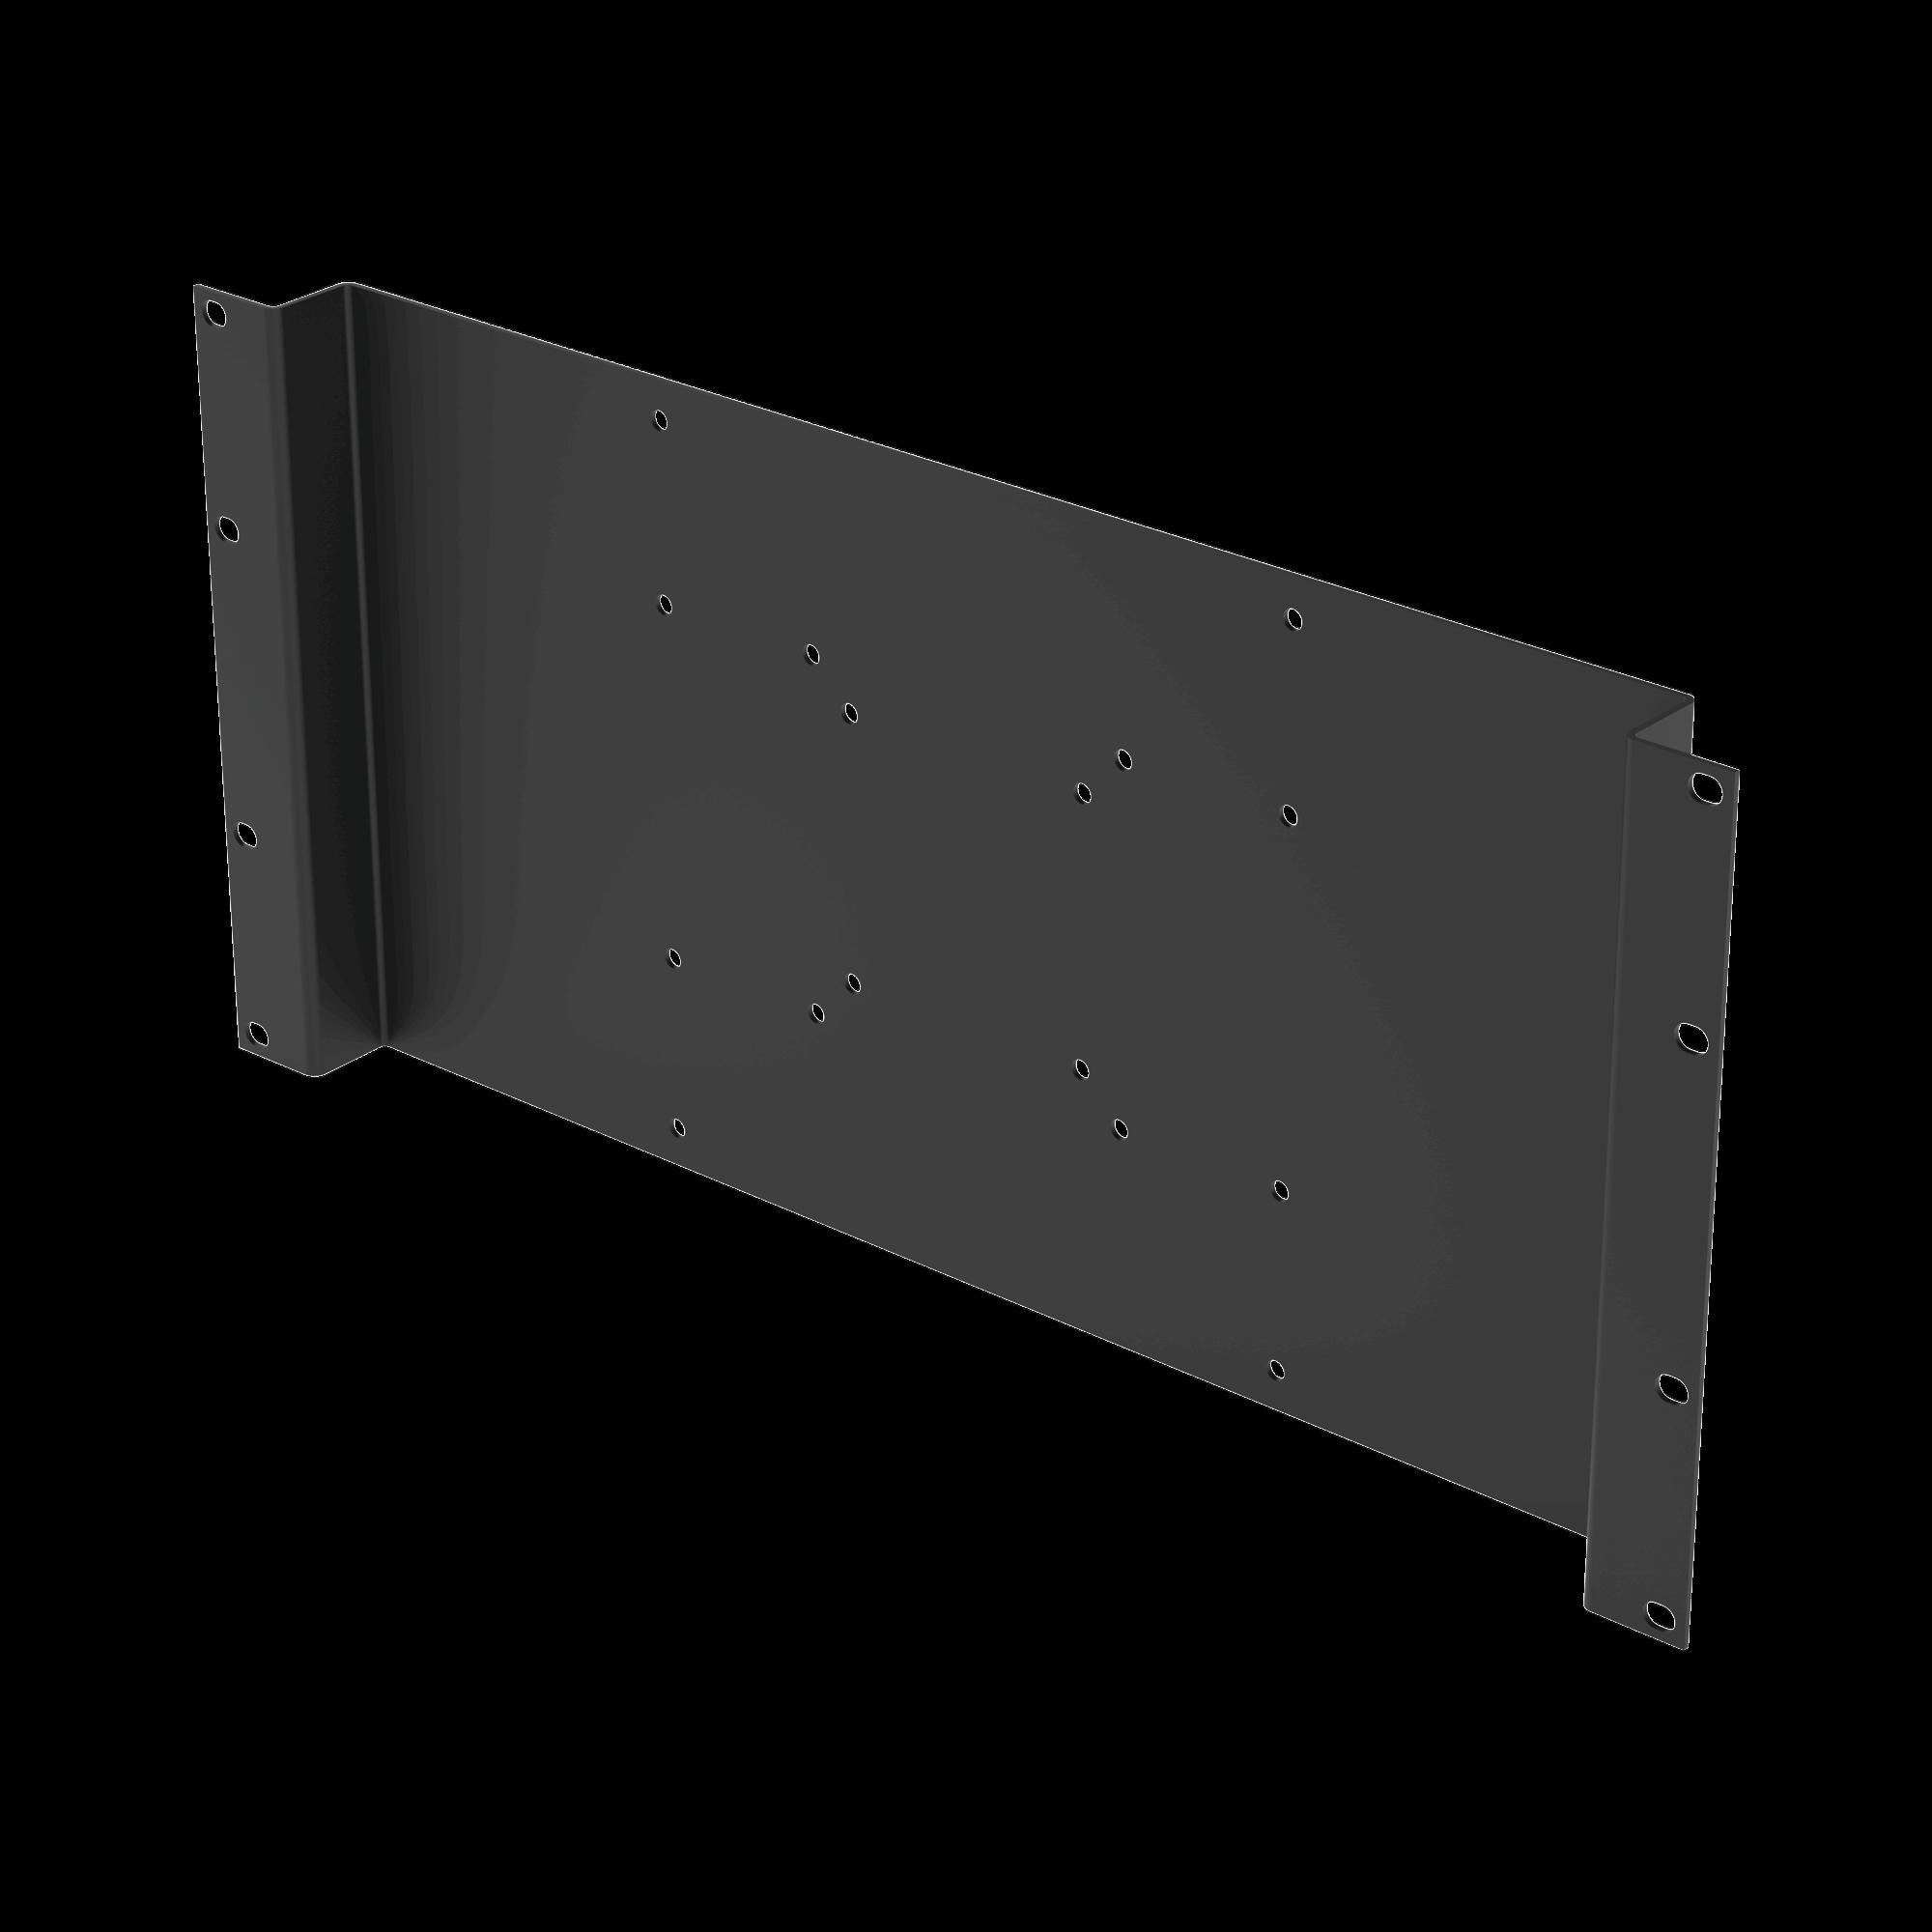 Montaje para Monitor VESA 75x75 hasta 200x200. Compatible con rack 19 5U.